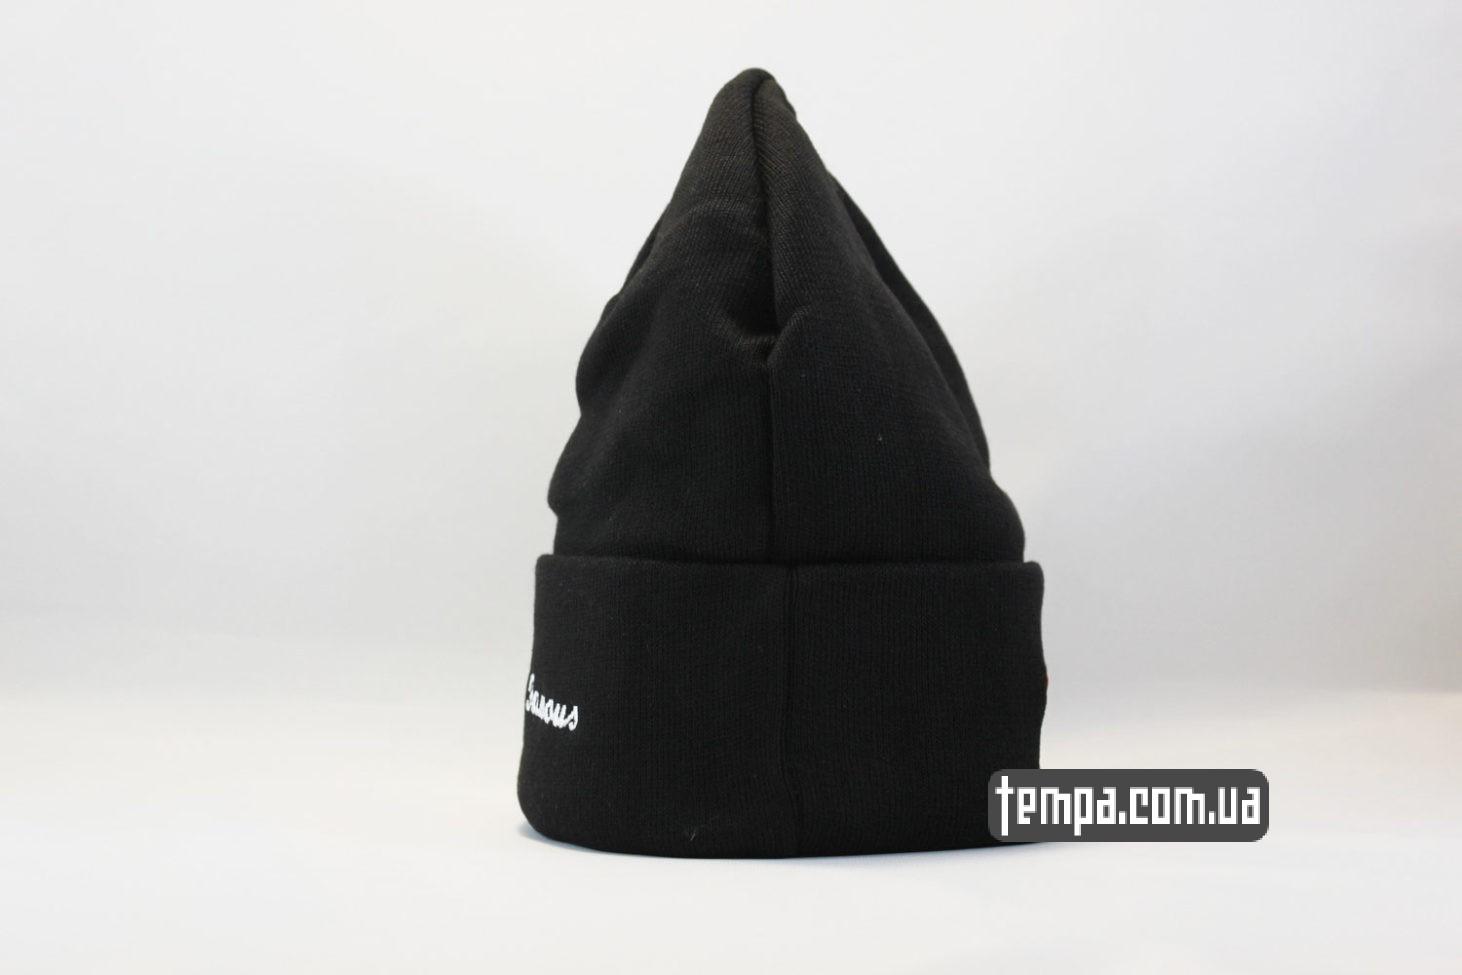 черная шапка бини шапка beanie SUPREME Black черная суприм Украина